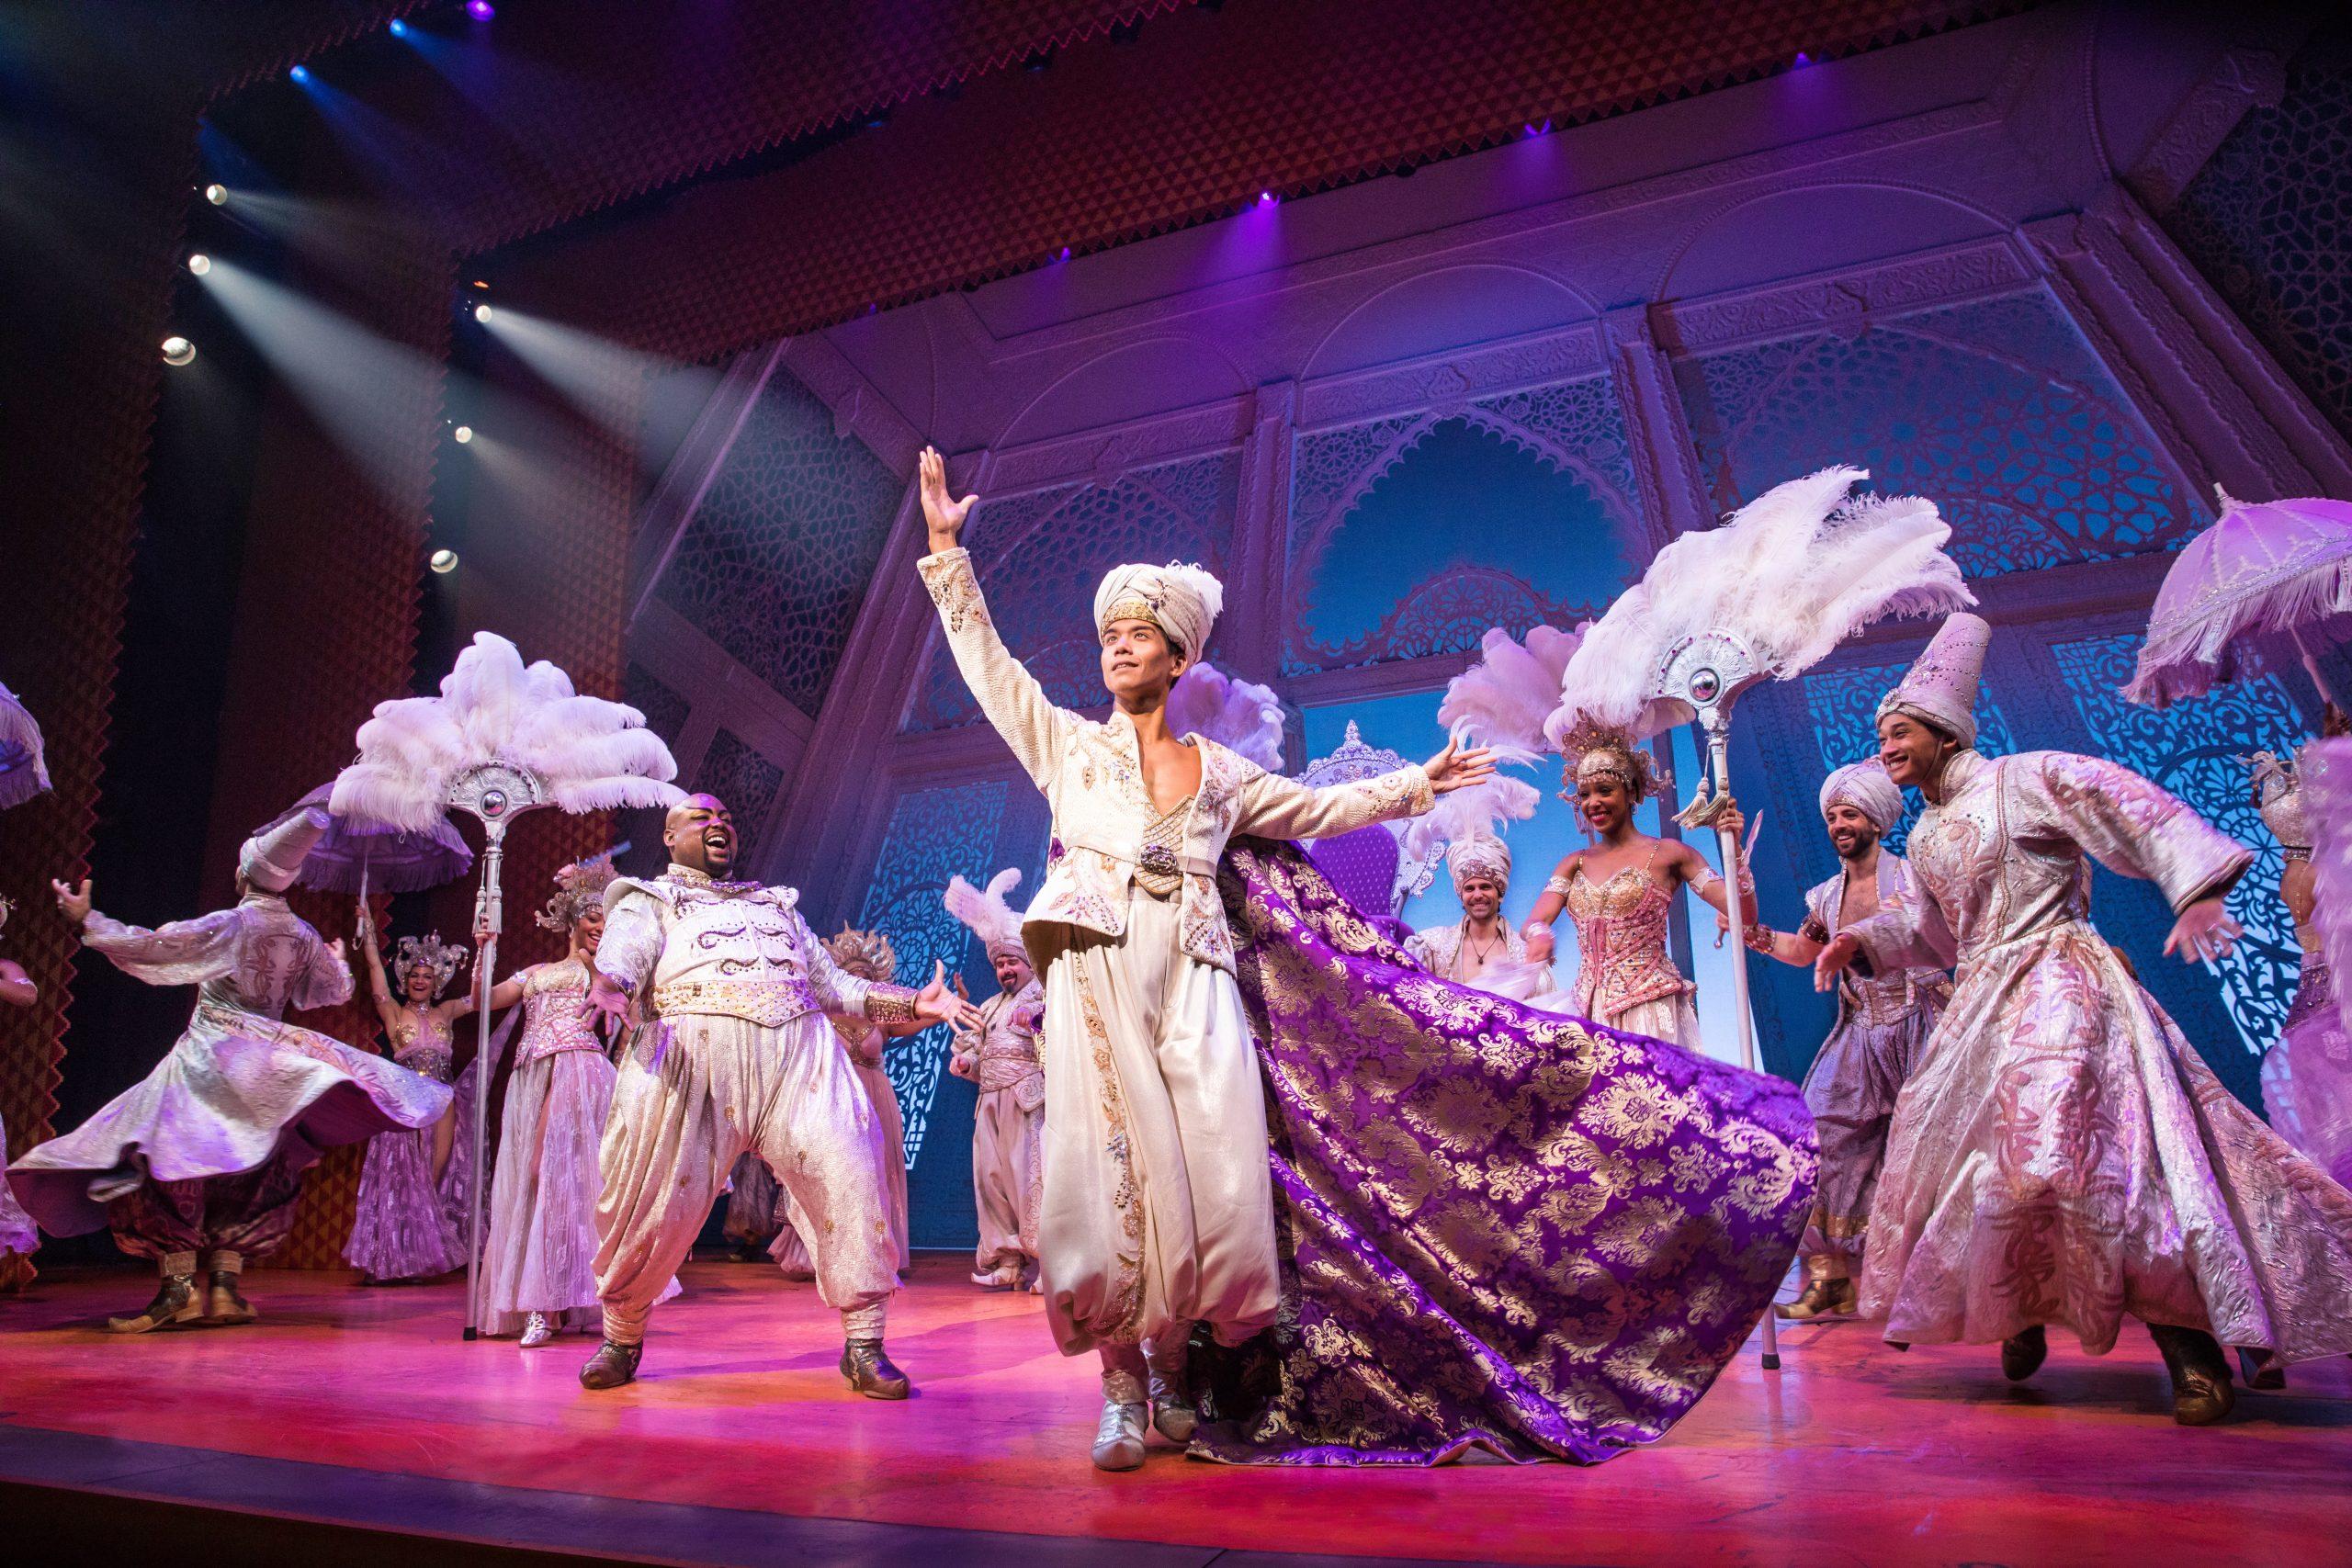 Escena del musical Aladdin en Broadway, Nueva York